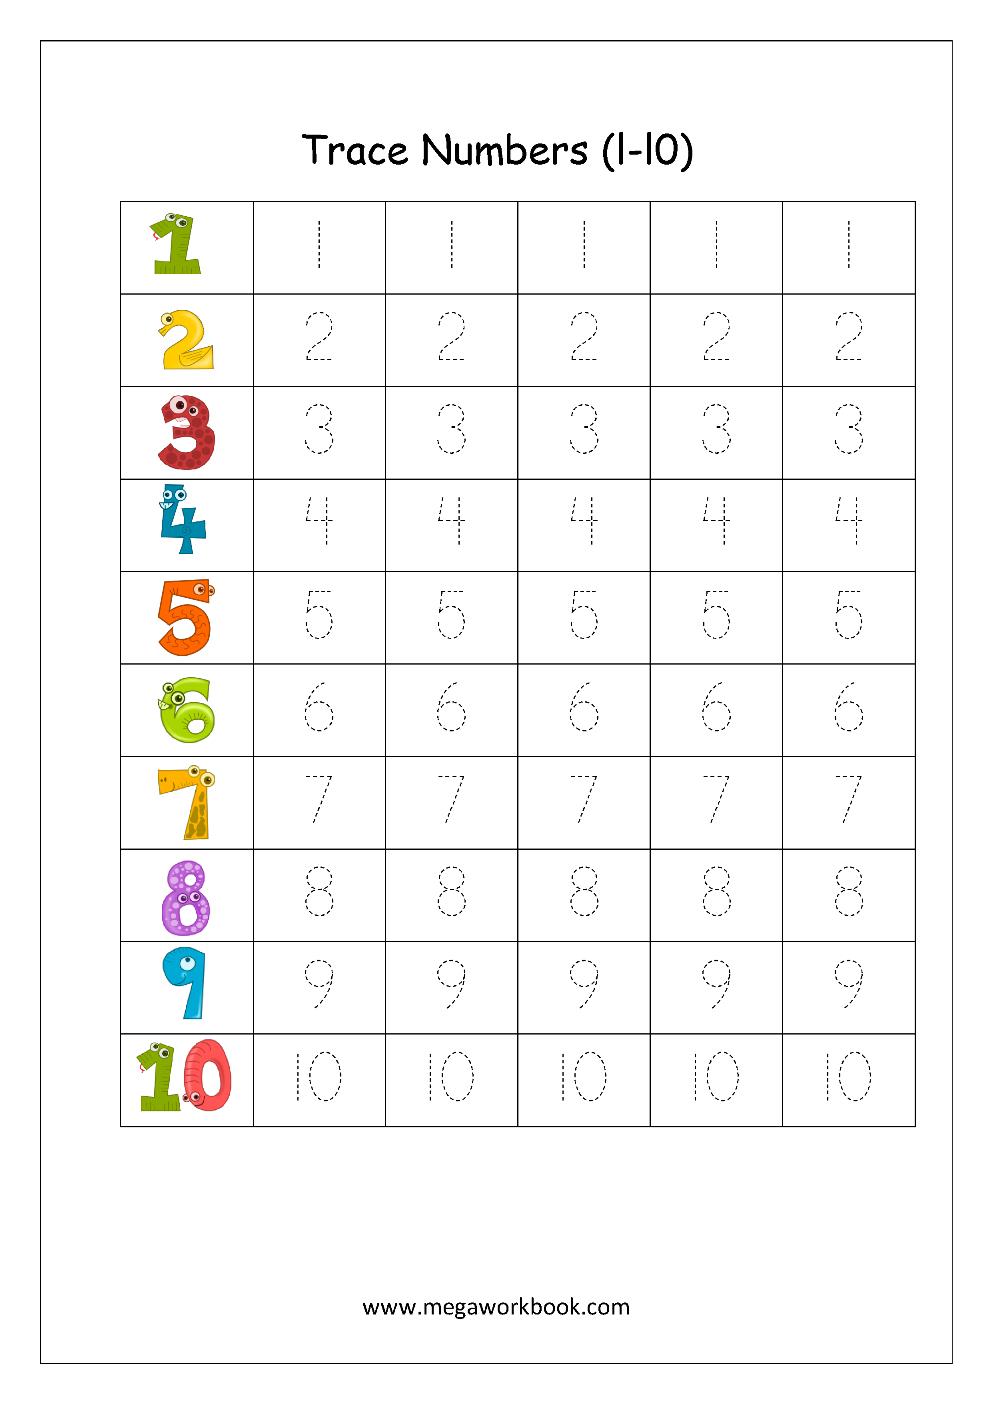 Number Formation Worksheets 1 10 NumbersWorksheet